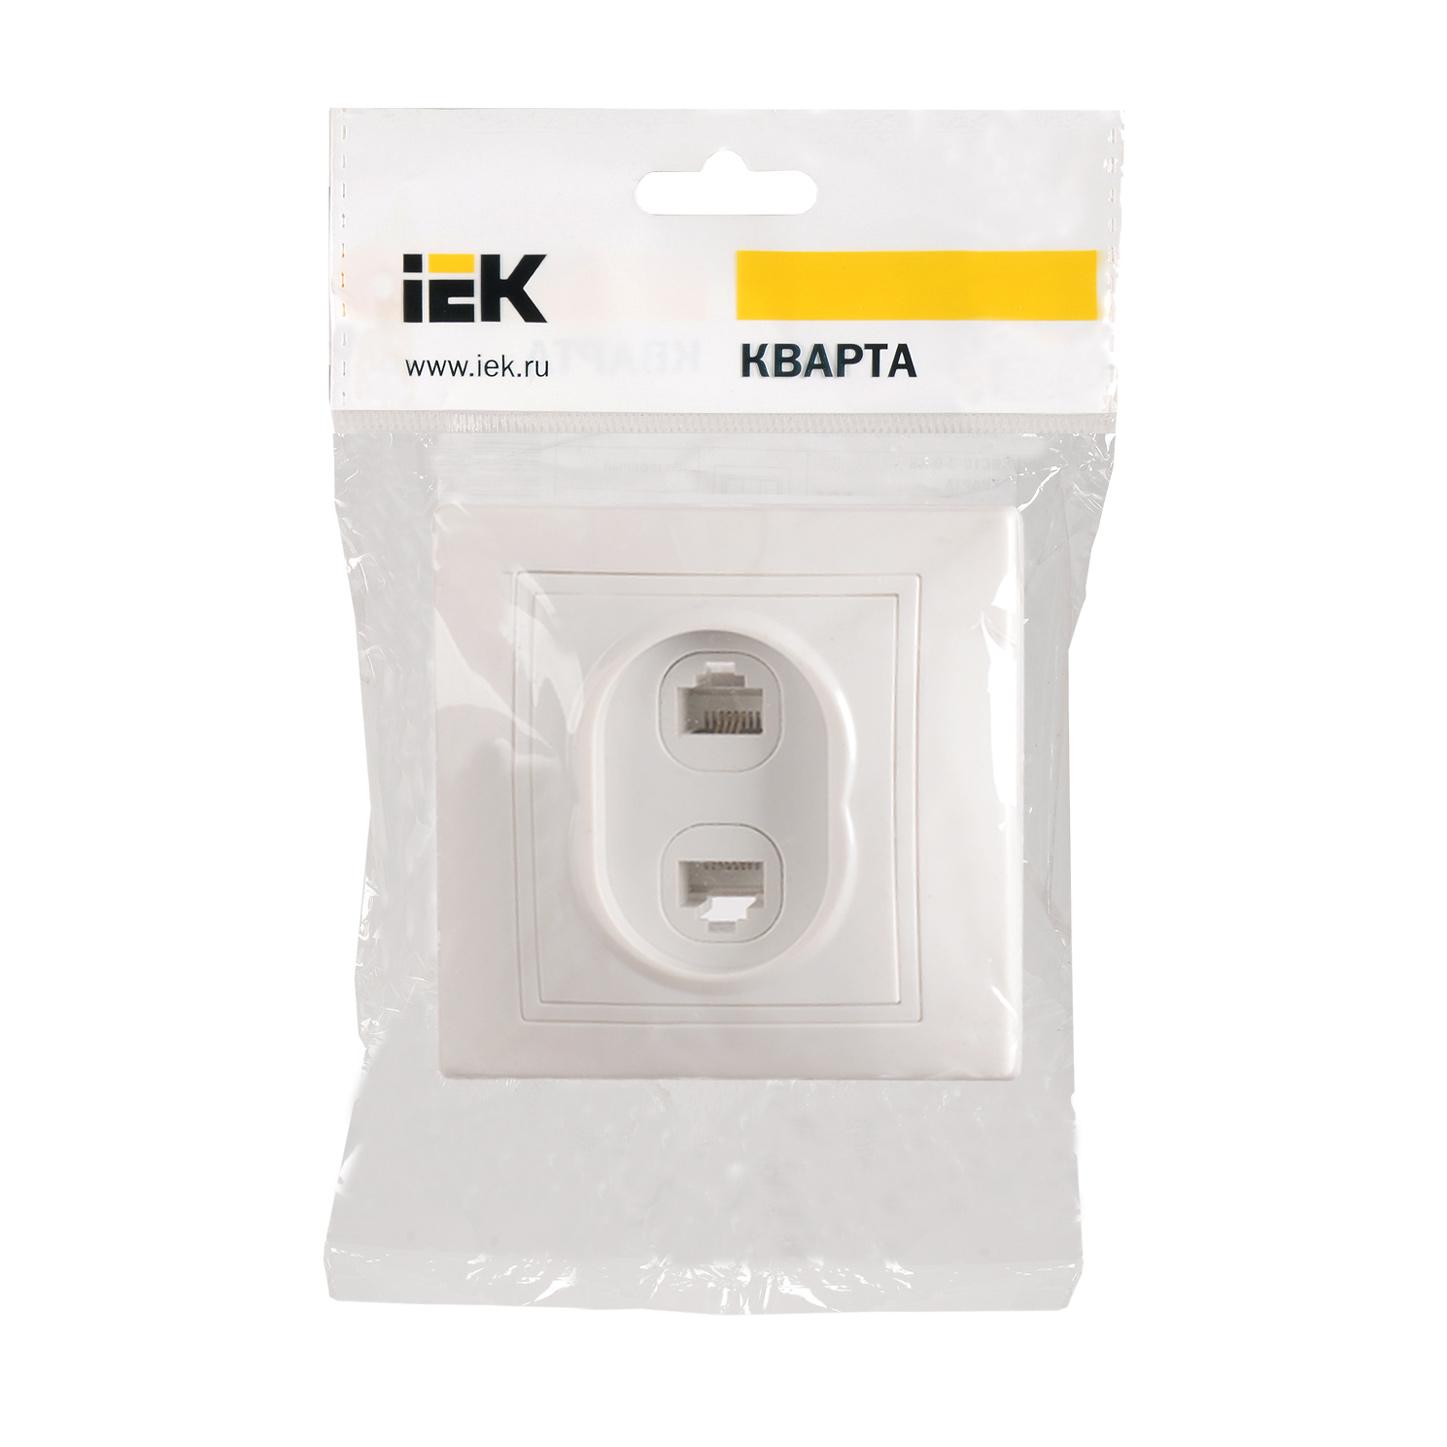 Розетка 2-местная компьютерная и телефонная РК/Т12-КБ КВАРТА белый IEK